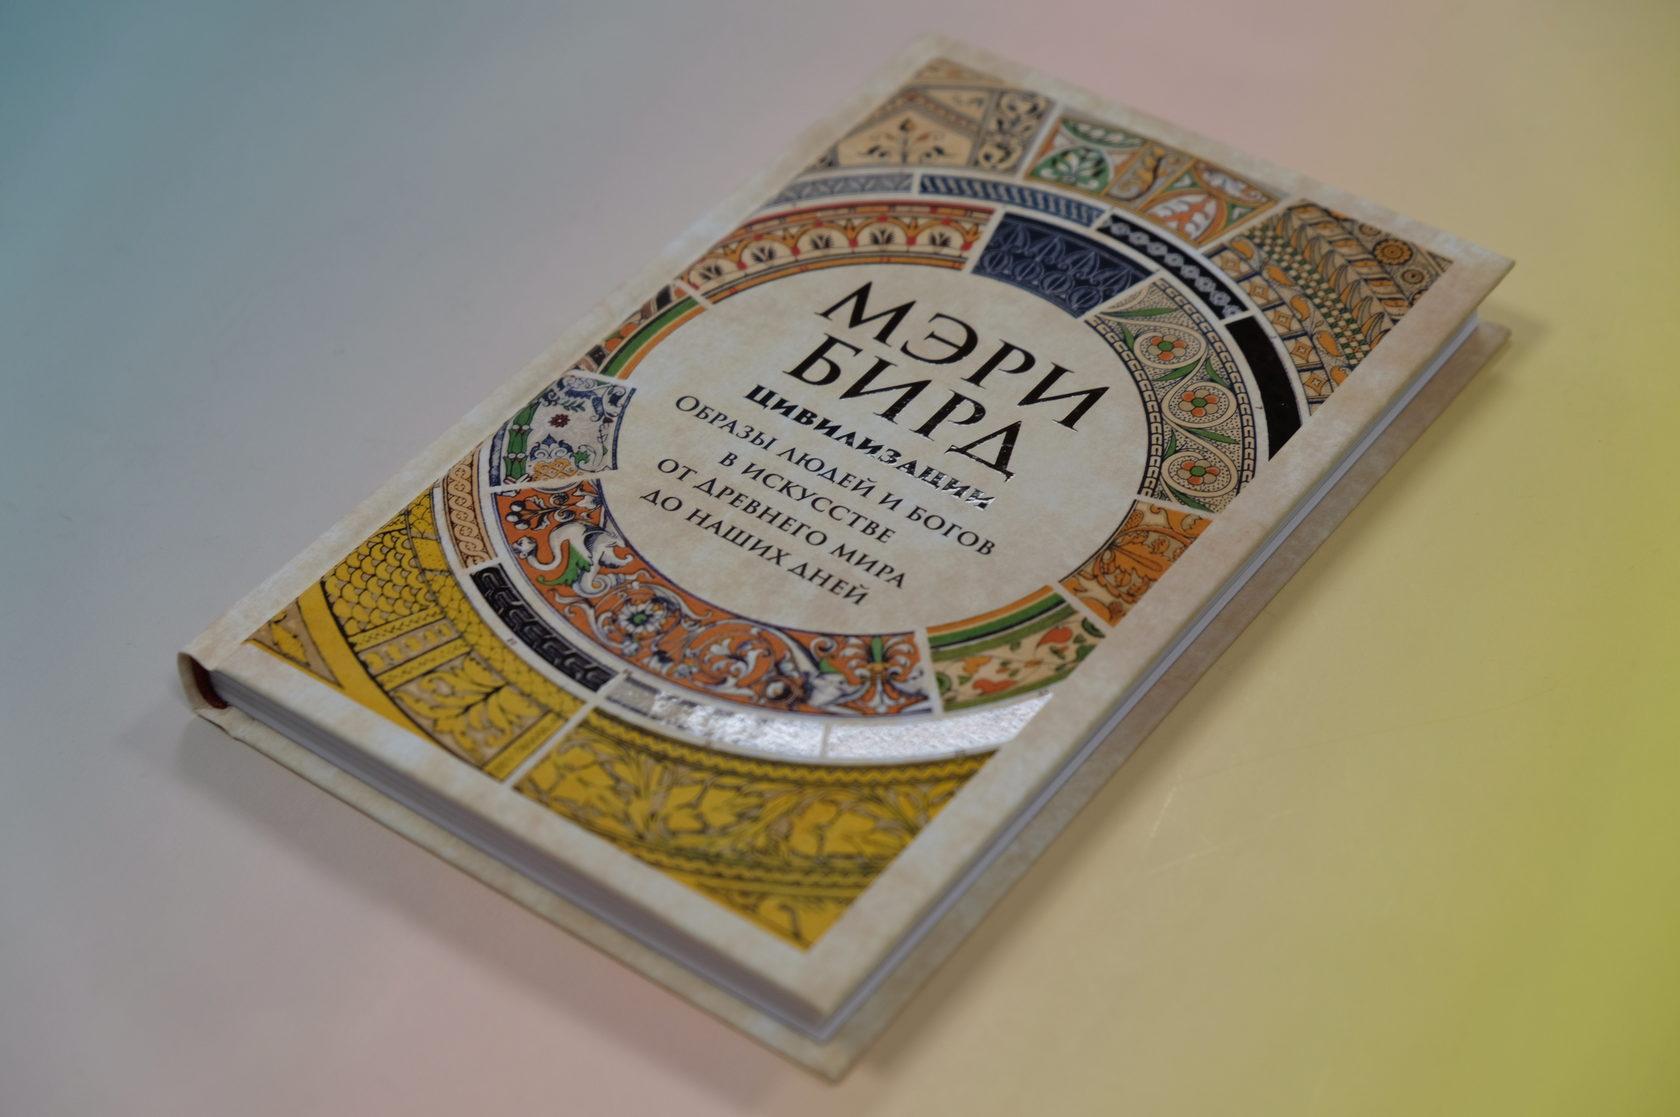 Мэри Бирд «Цивилизации: образы людей и богов в искусстве от Древнего мира до наших дней» 978-5-00139-154-8